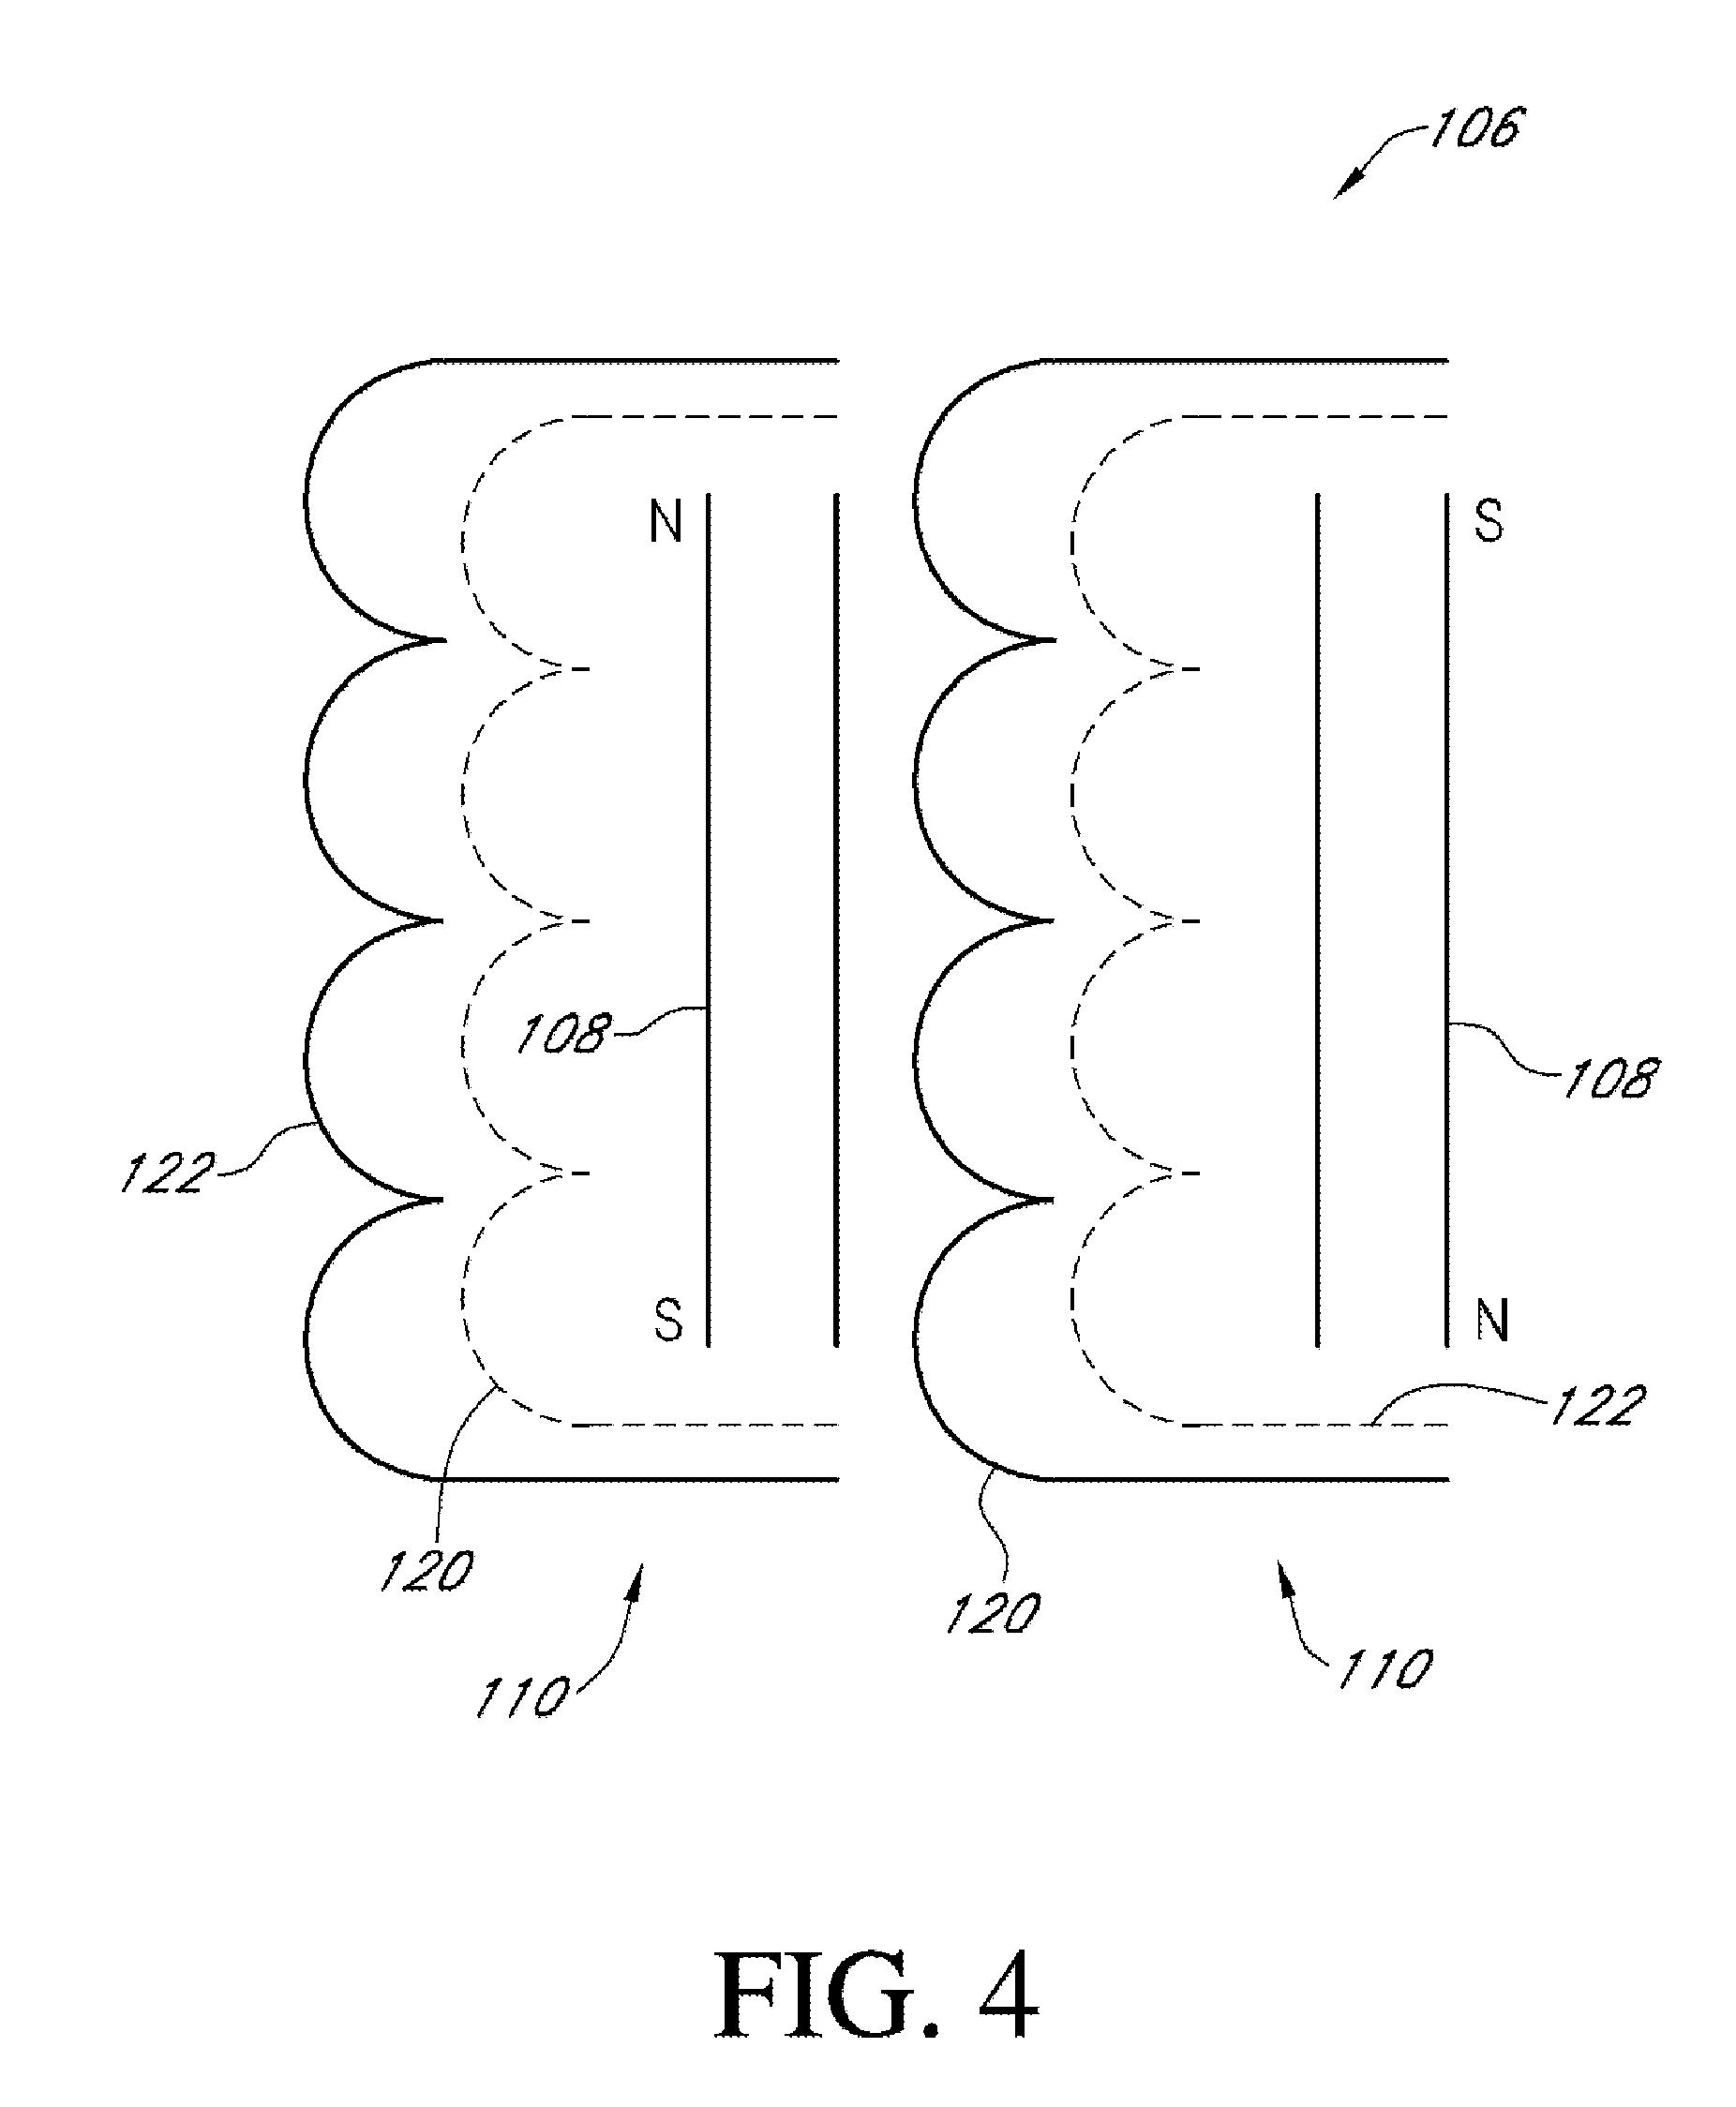 jl audio w6v2 wiring diagram cisco ucs w6 w3